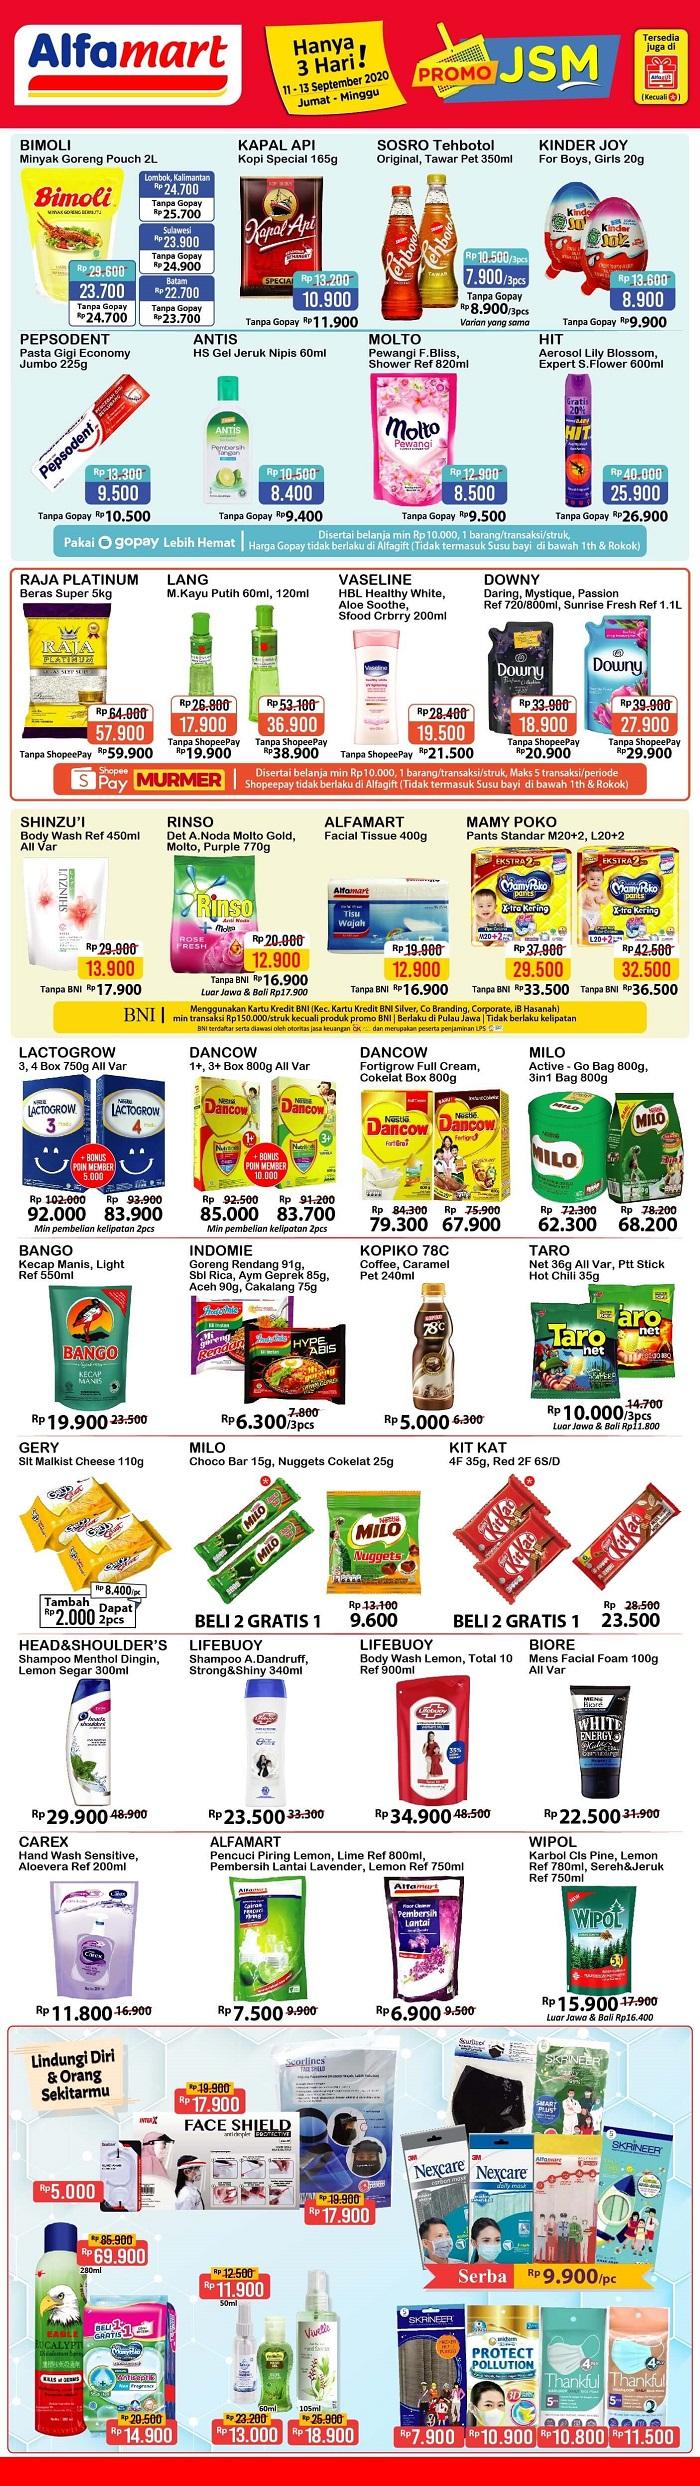 Katalog Promo JSM Alfamart 11-13 September 2020.